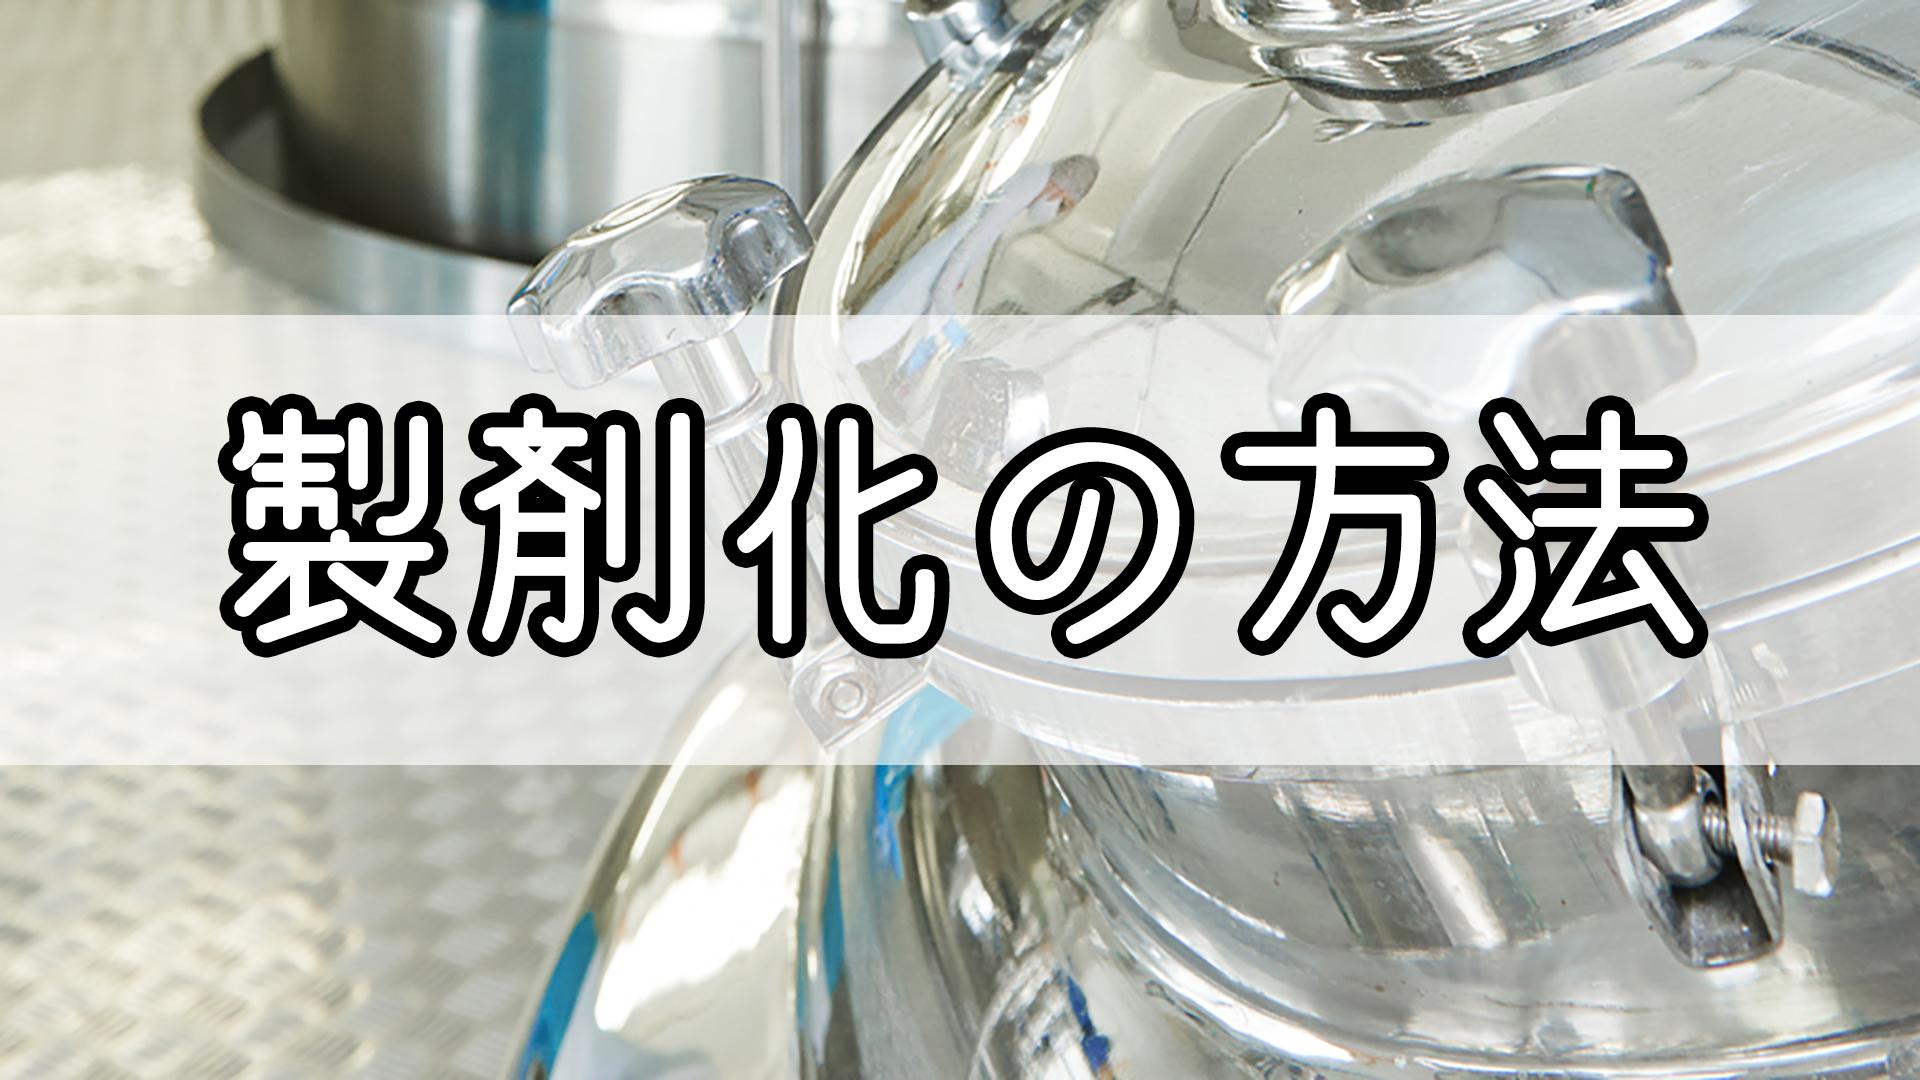 『製剤化の方法』のゴロ・覚え方